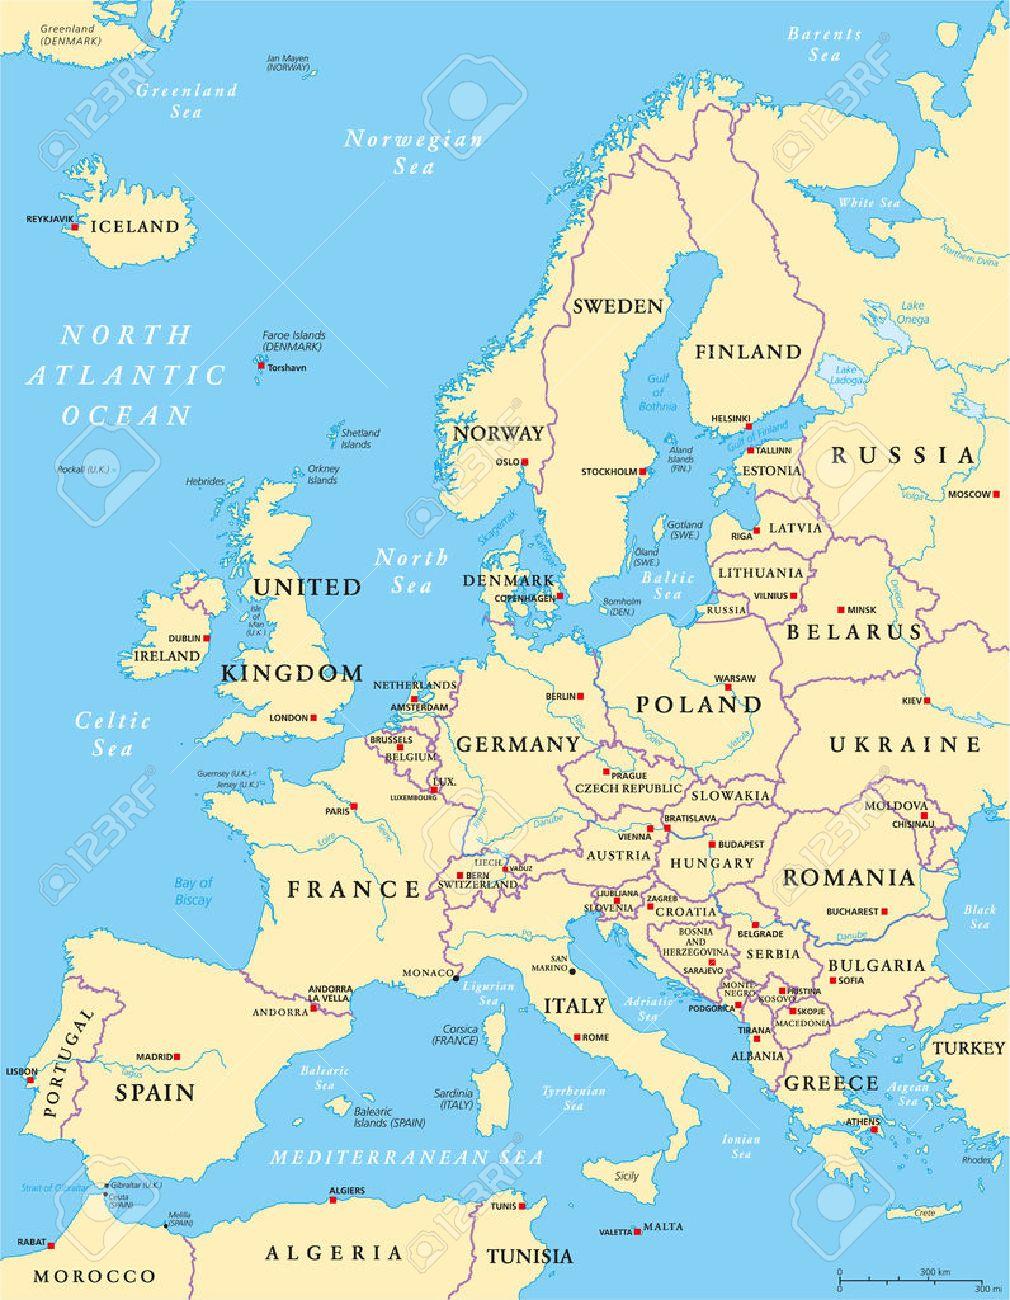 Carte De L'europe Politique Et La Région Environnante. Avec Les Pays, Les  Capitales, Les Frontières Nationales, Les Grandes Rivières Et Les Lacs. concernant Carte Europe Pays Capitales